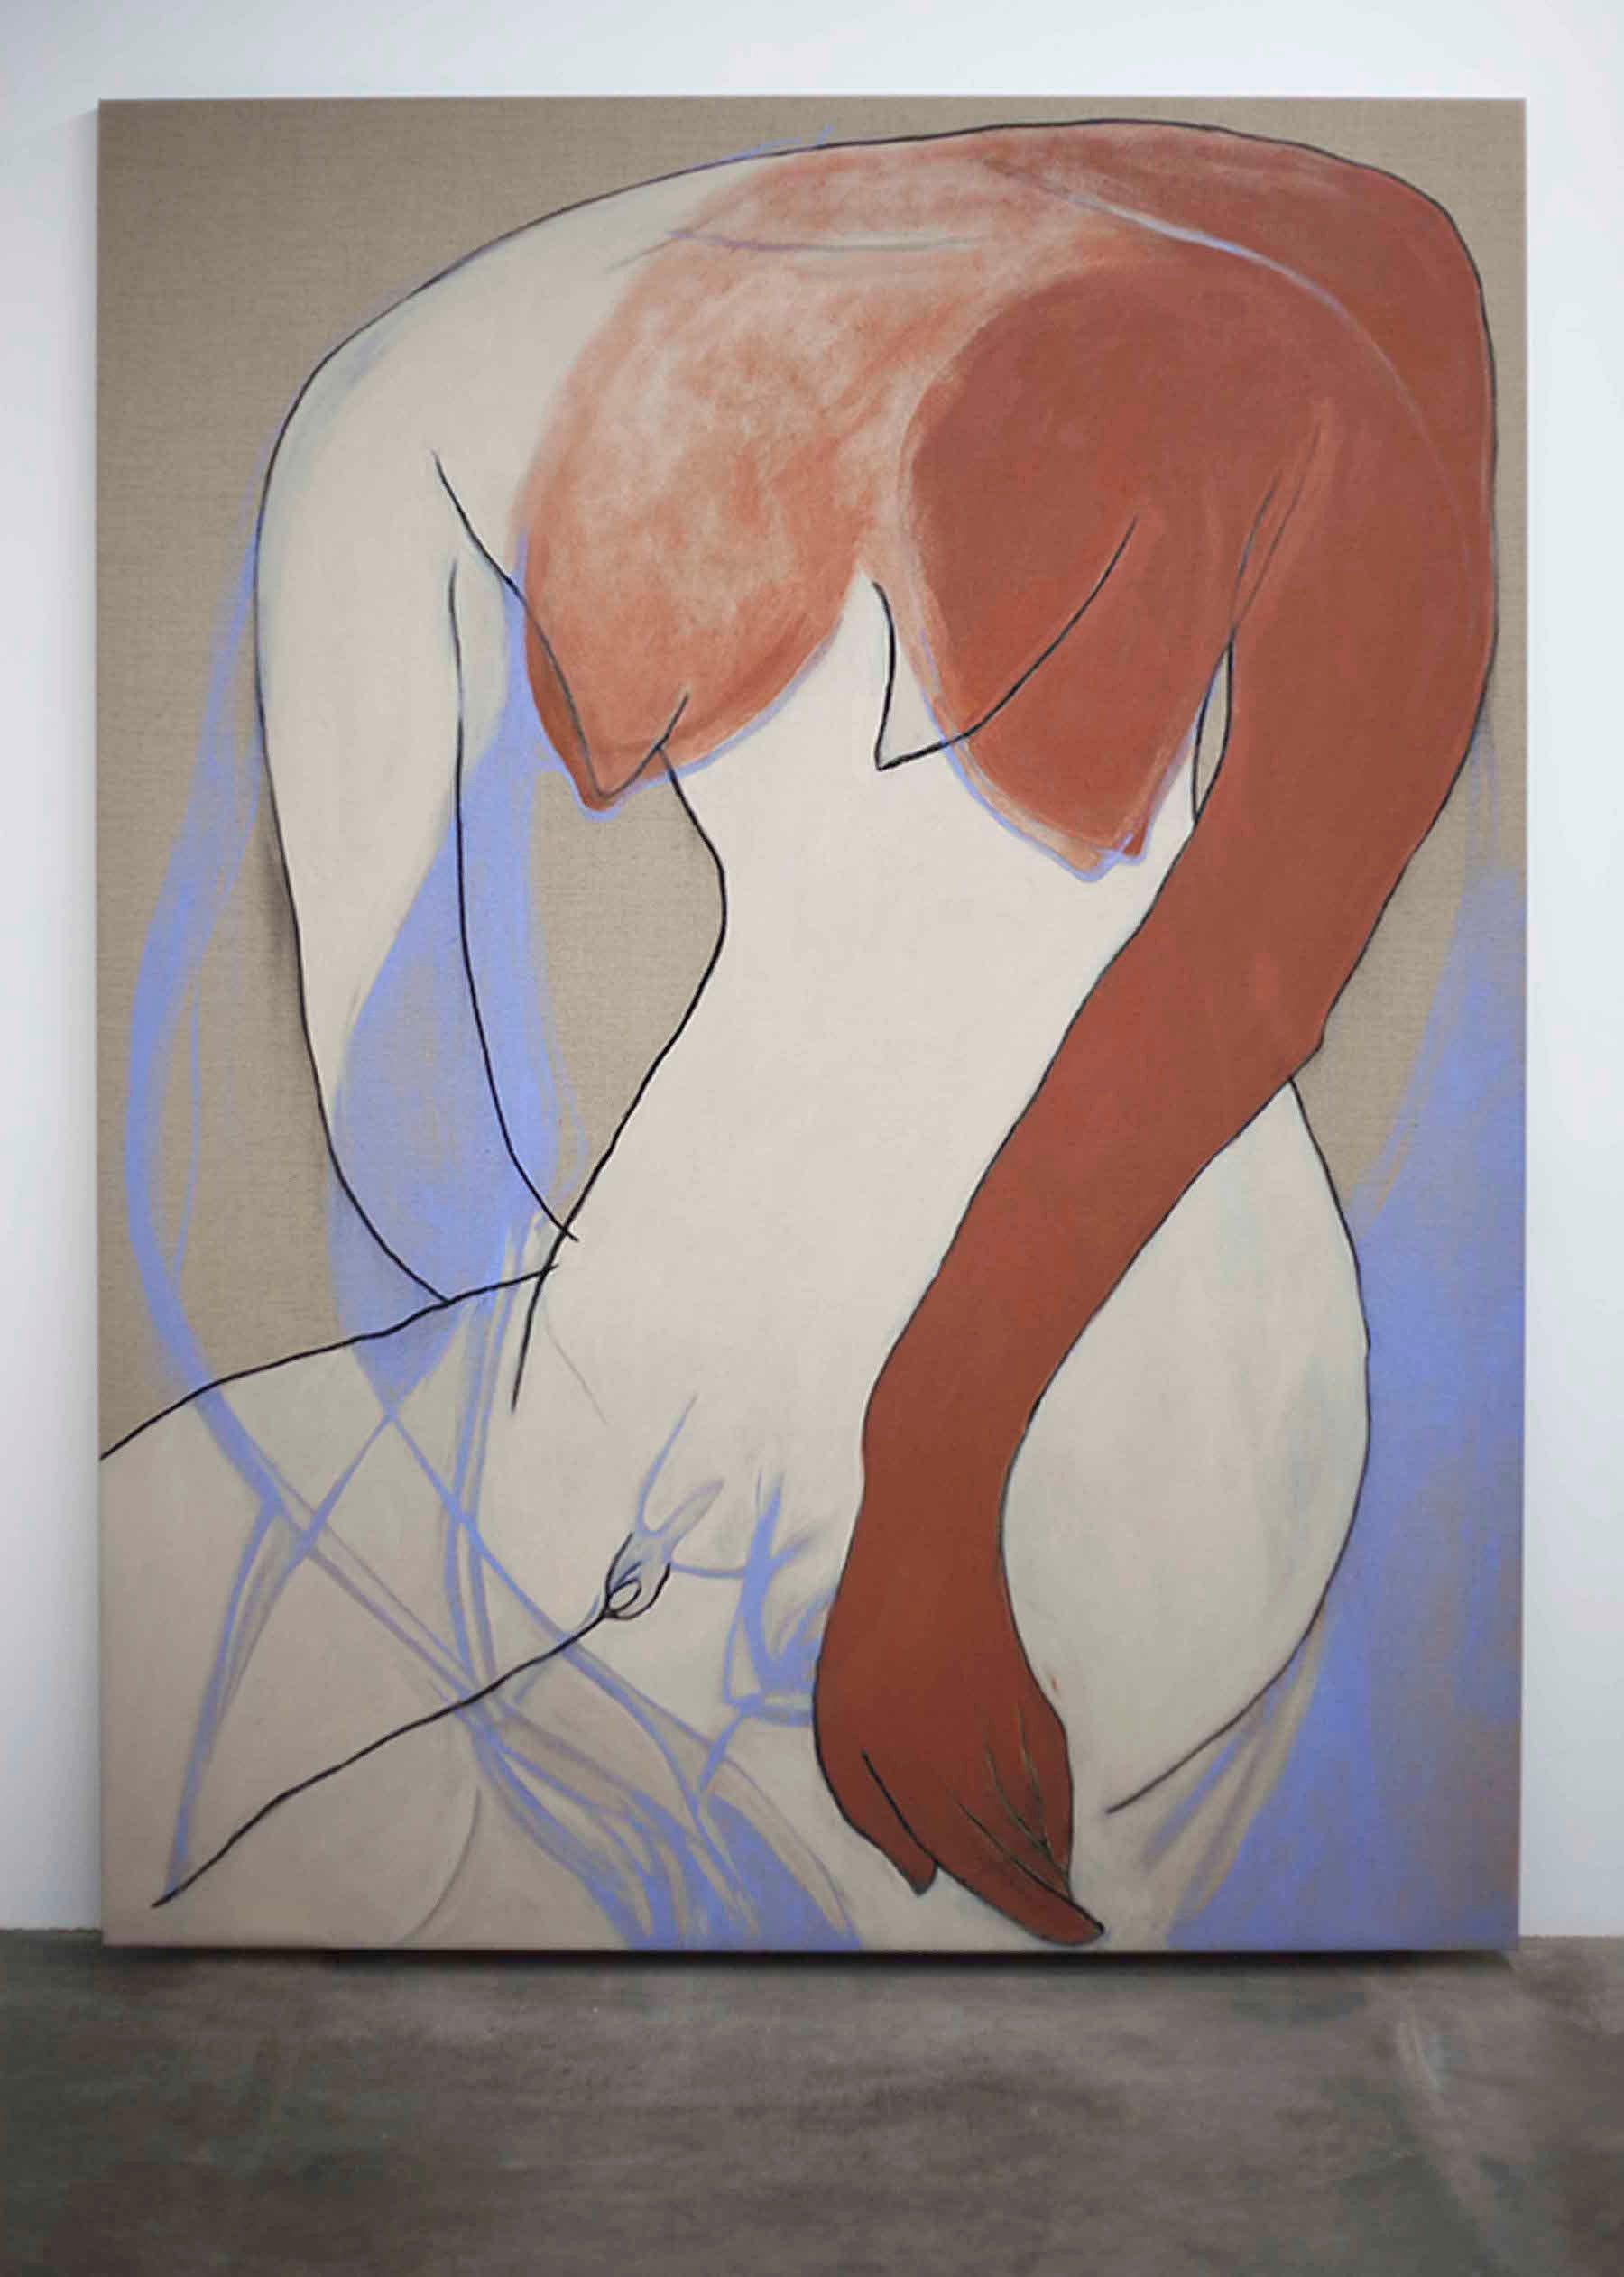 iGNANT-Art-Vanessa-Beecroft-Pio-Pico-15